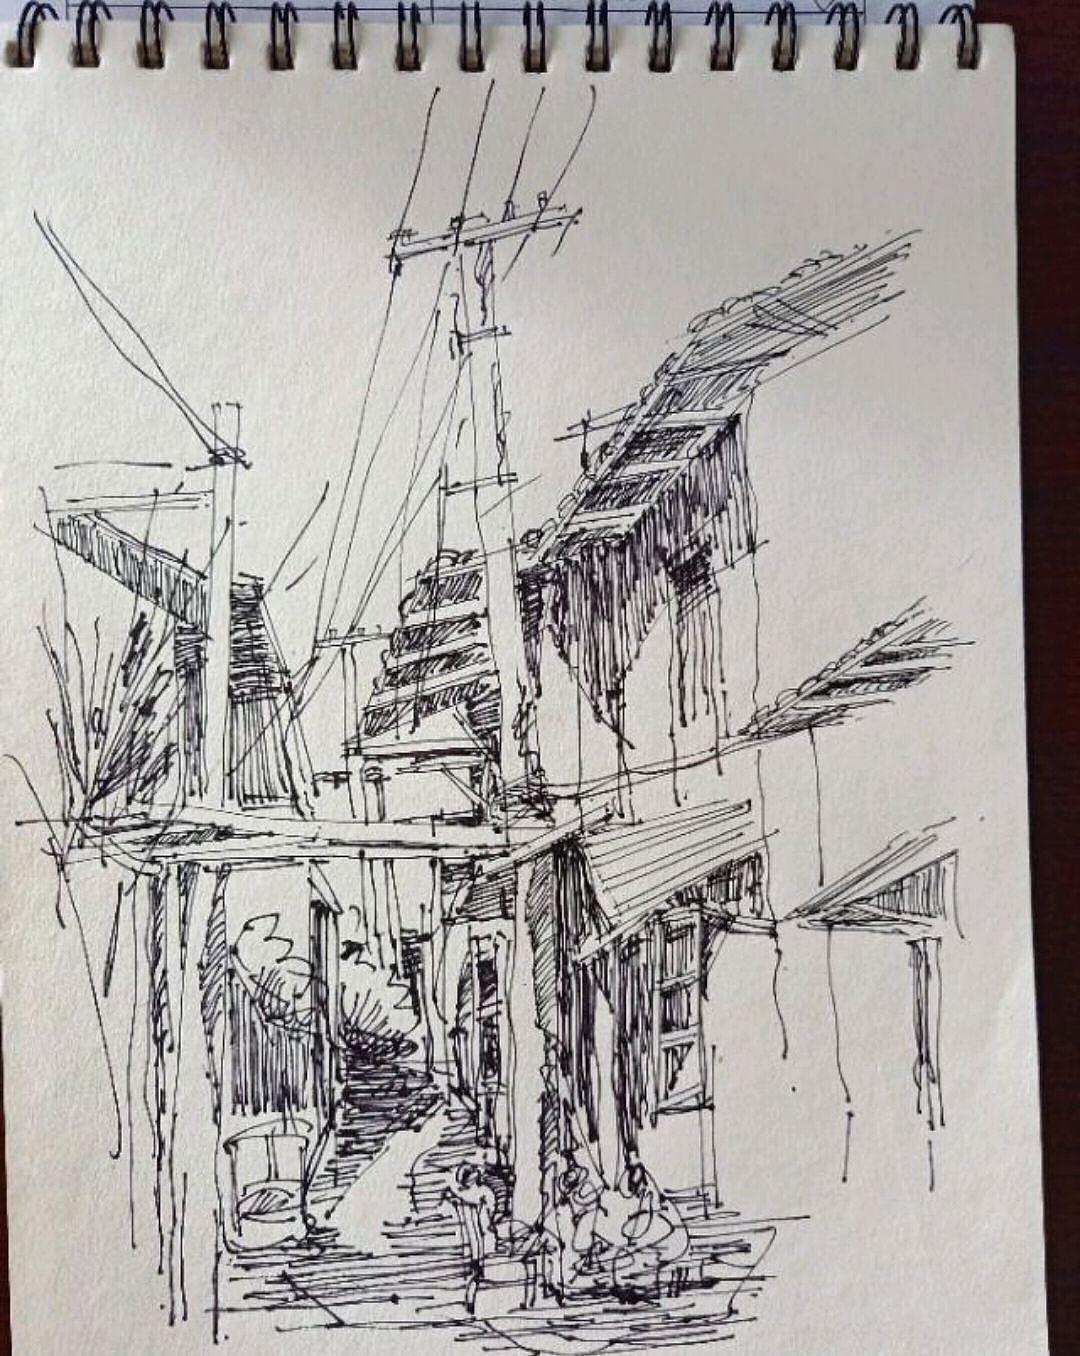 范炯钢笔画手绘表现